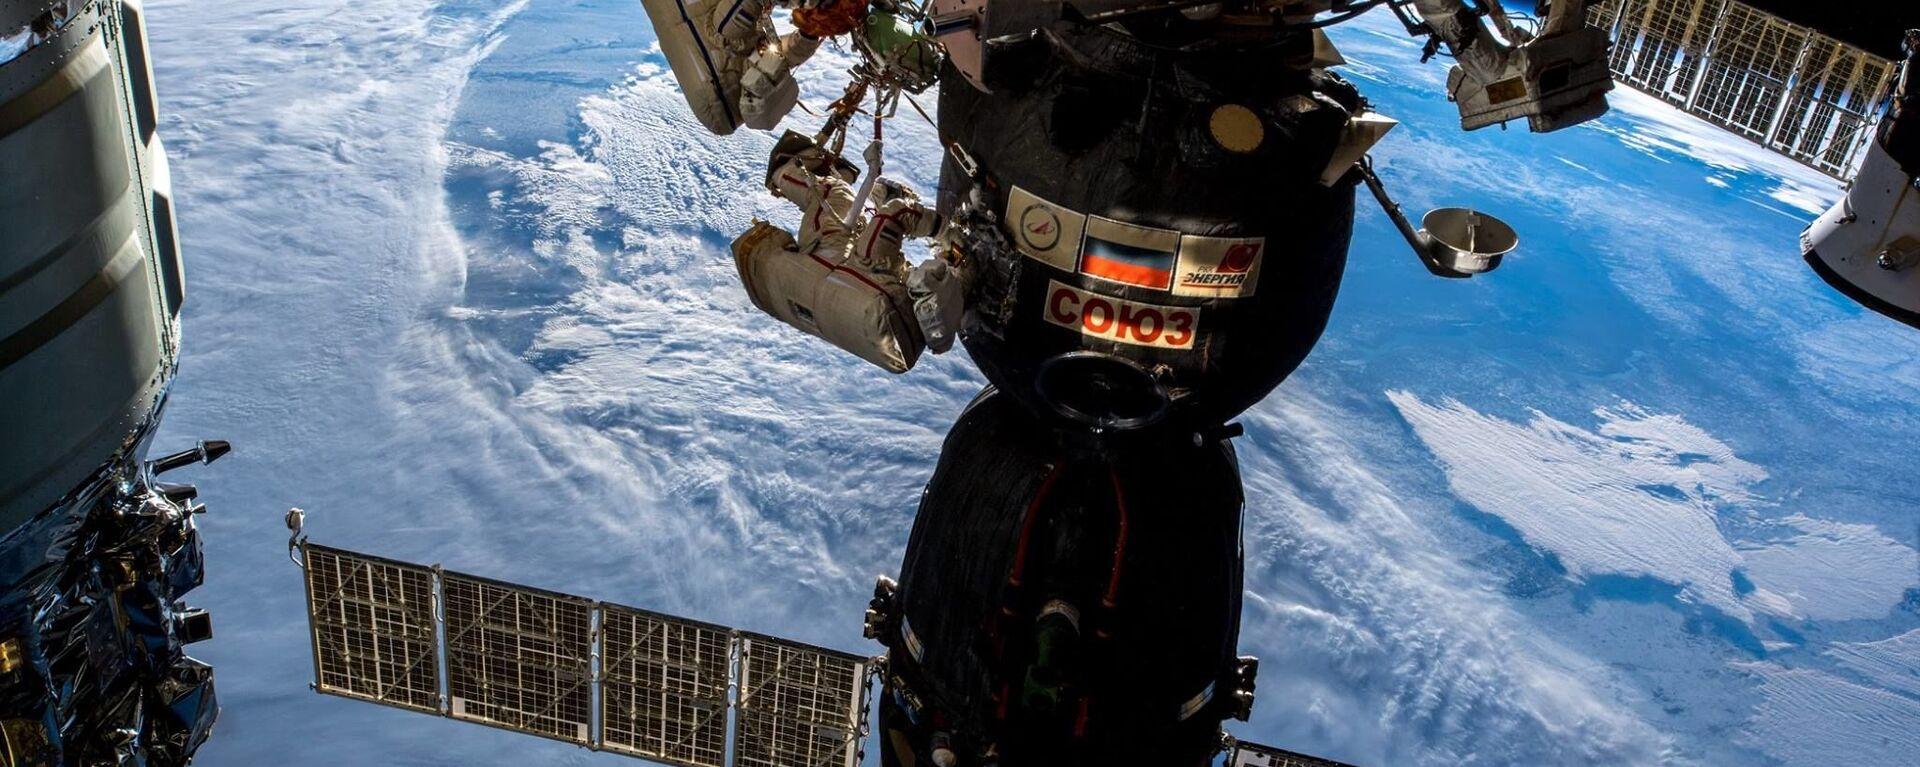 I cosmonauti russi Oleg Kononenko e Sergei Prokopyev nello spazio aperto. - Sputnik Italia, 1920, 27.09.2021